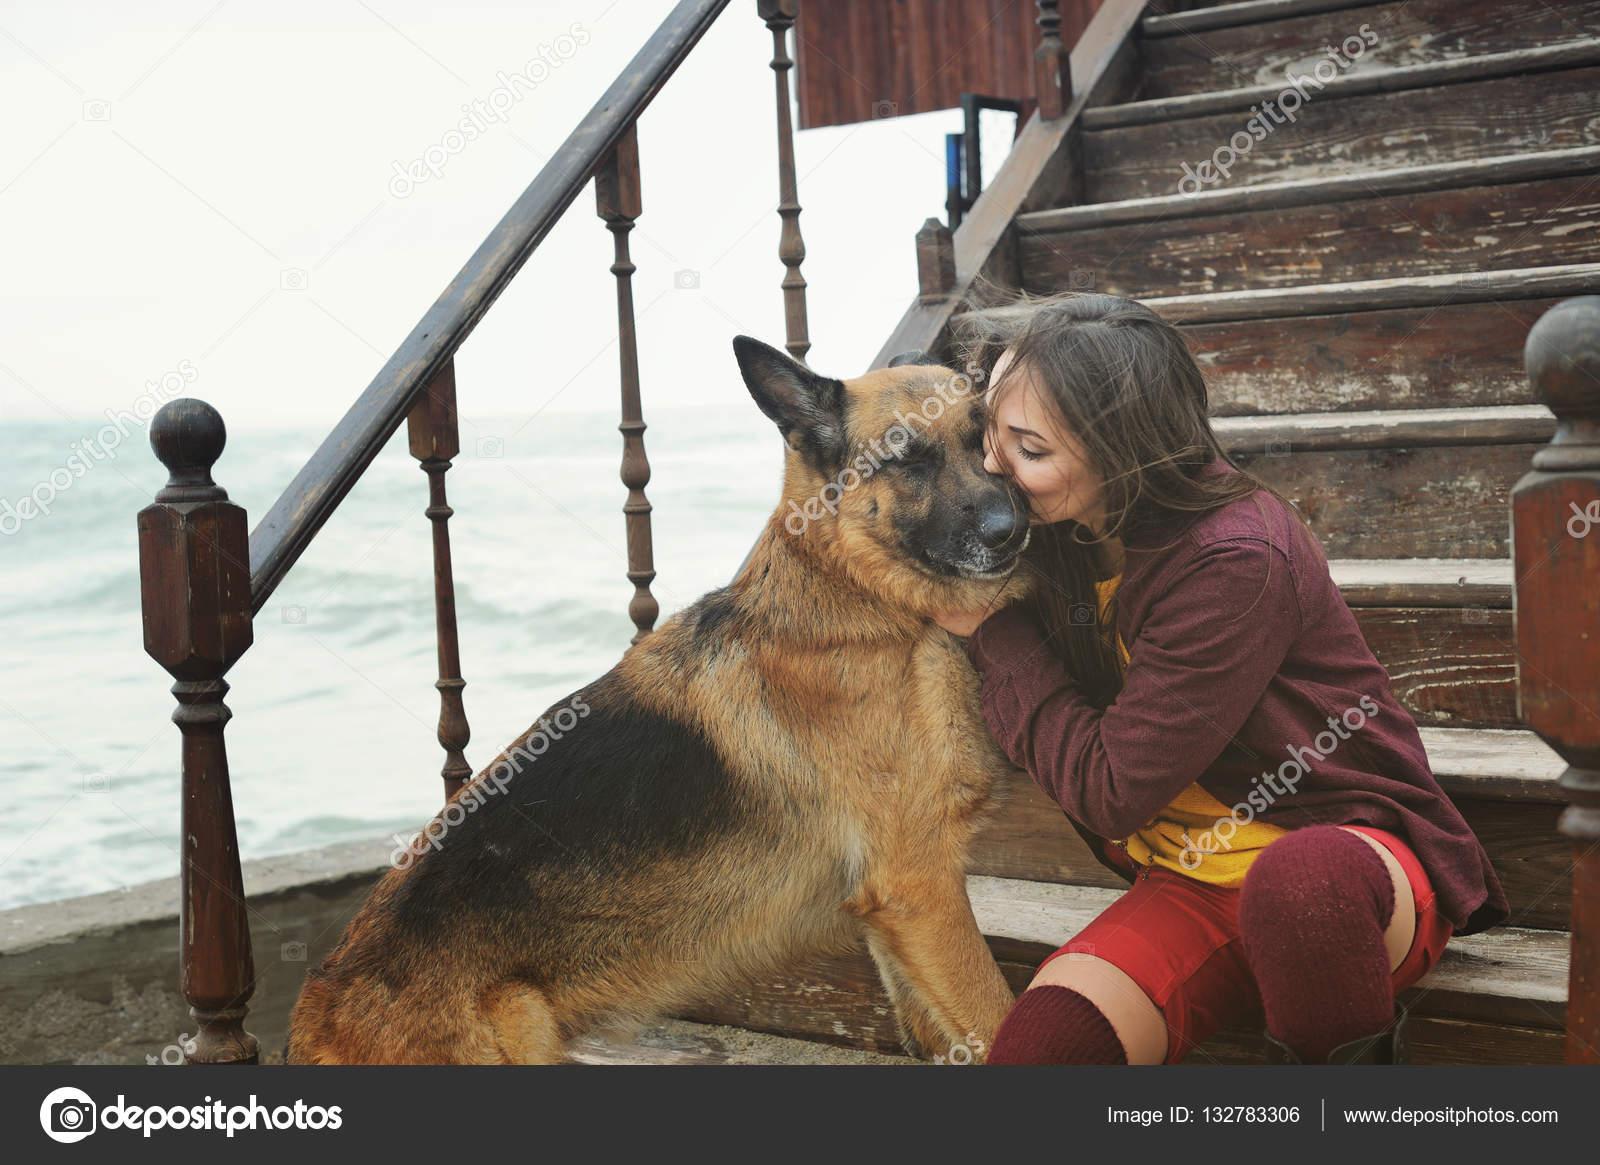 en línea alemán besando